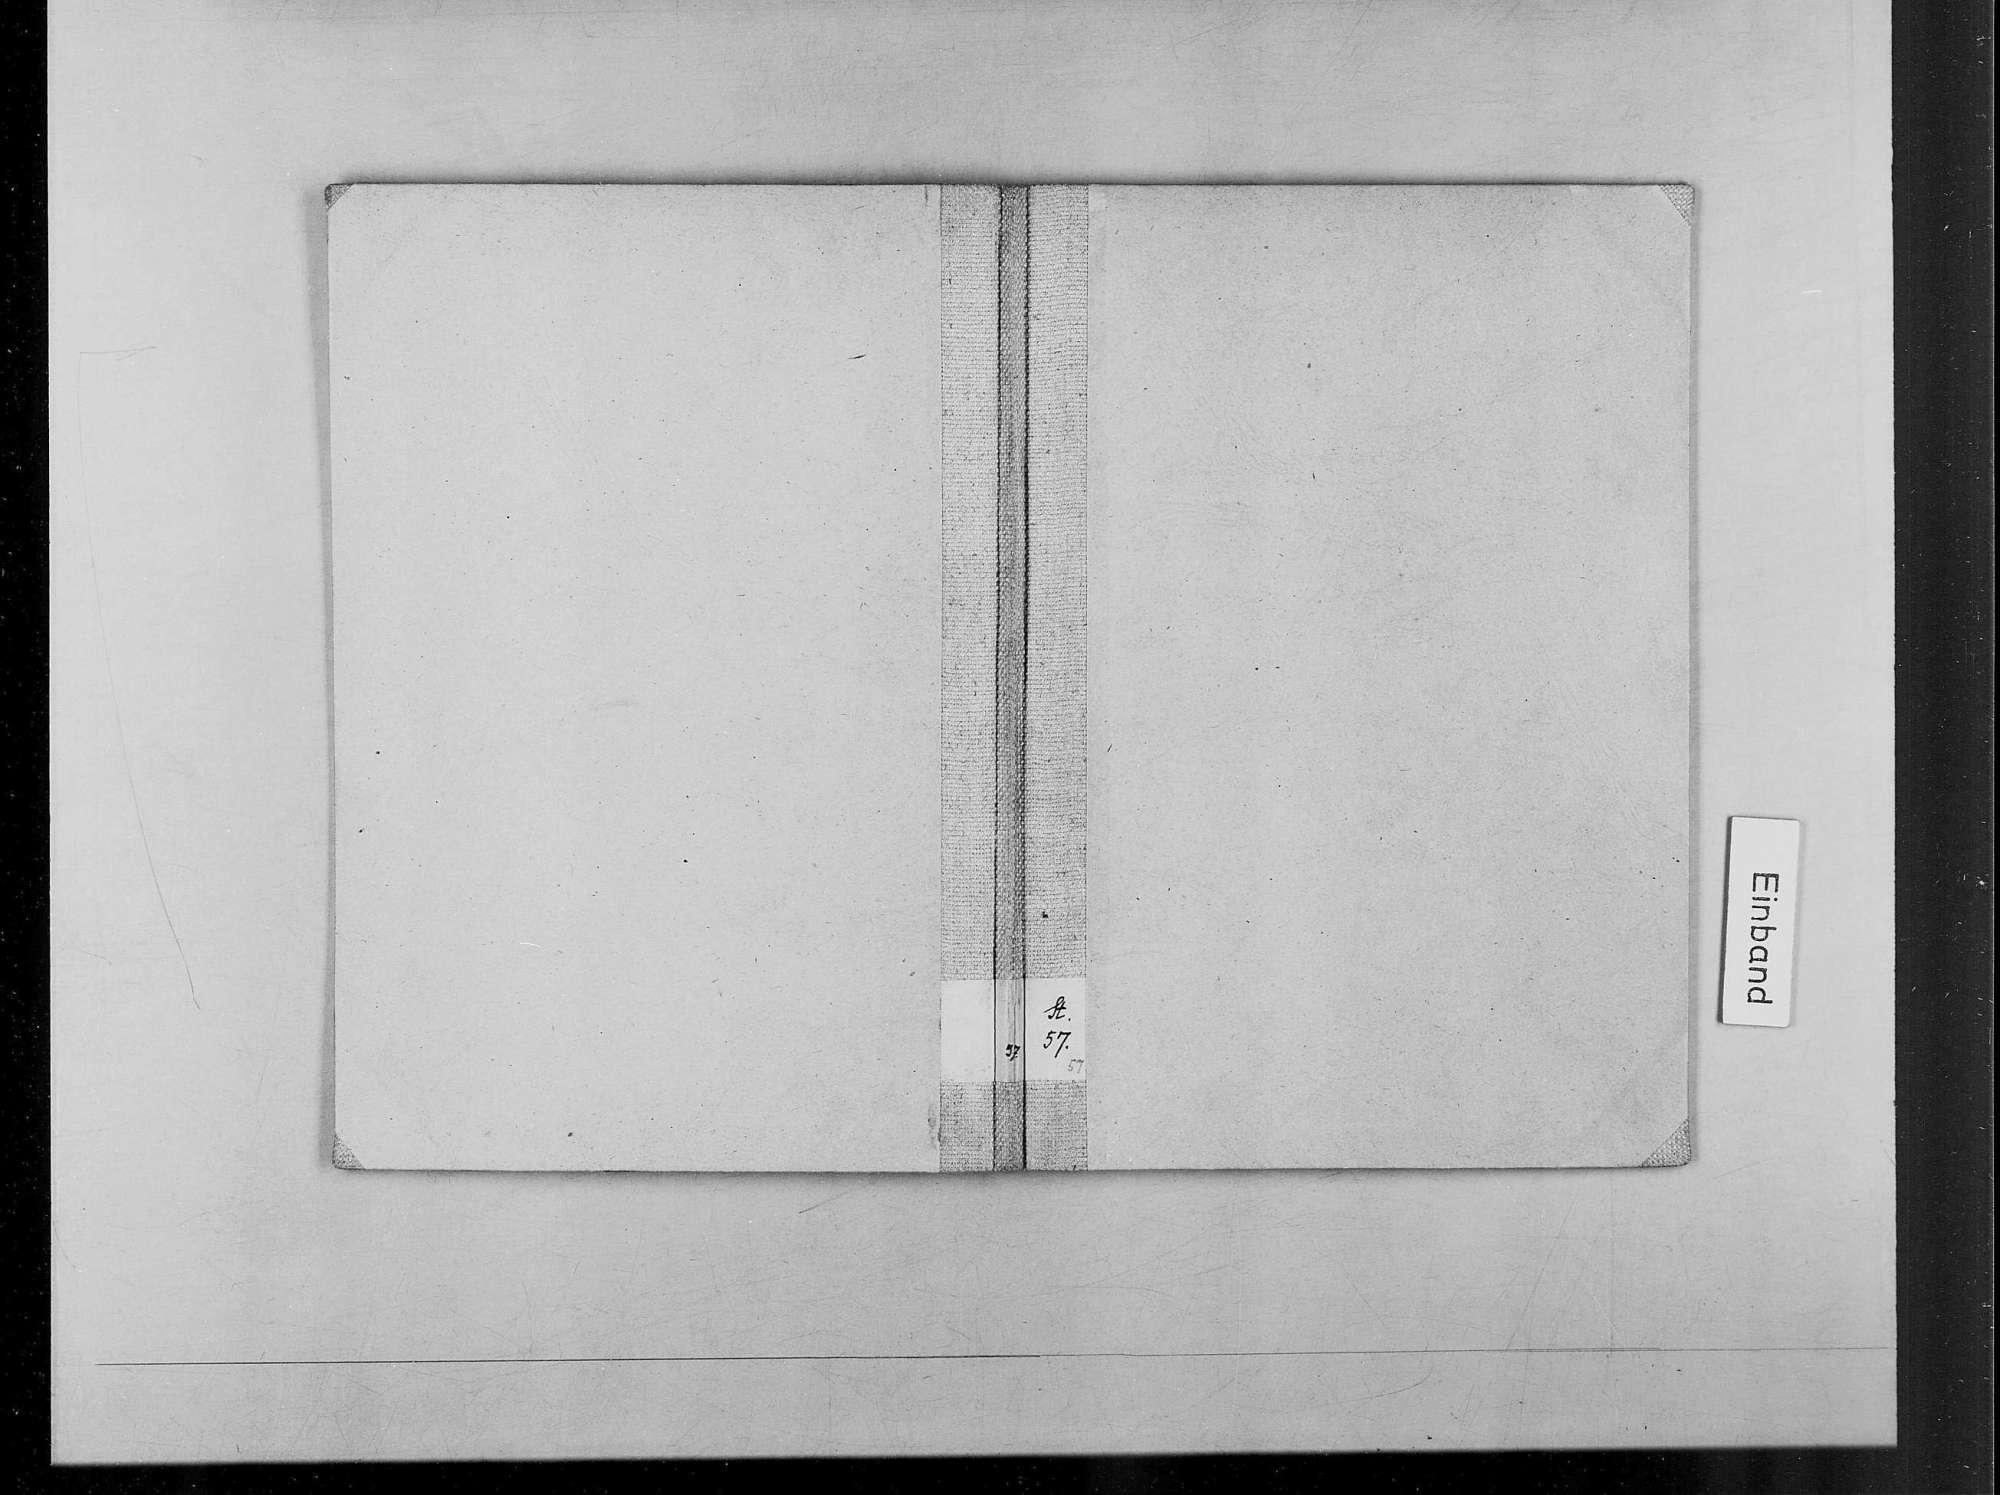 Stift Oberstenfeld, Bild 1